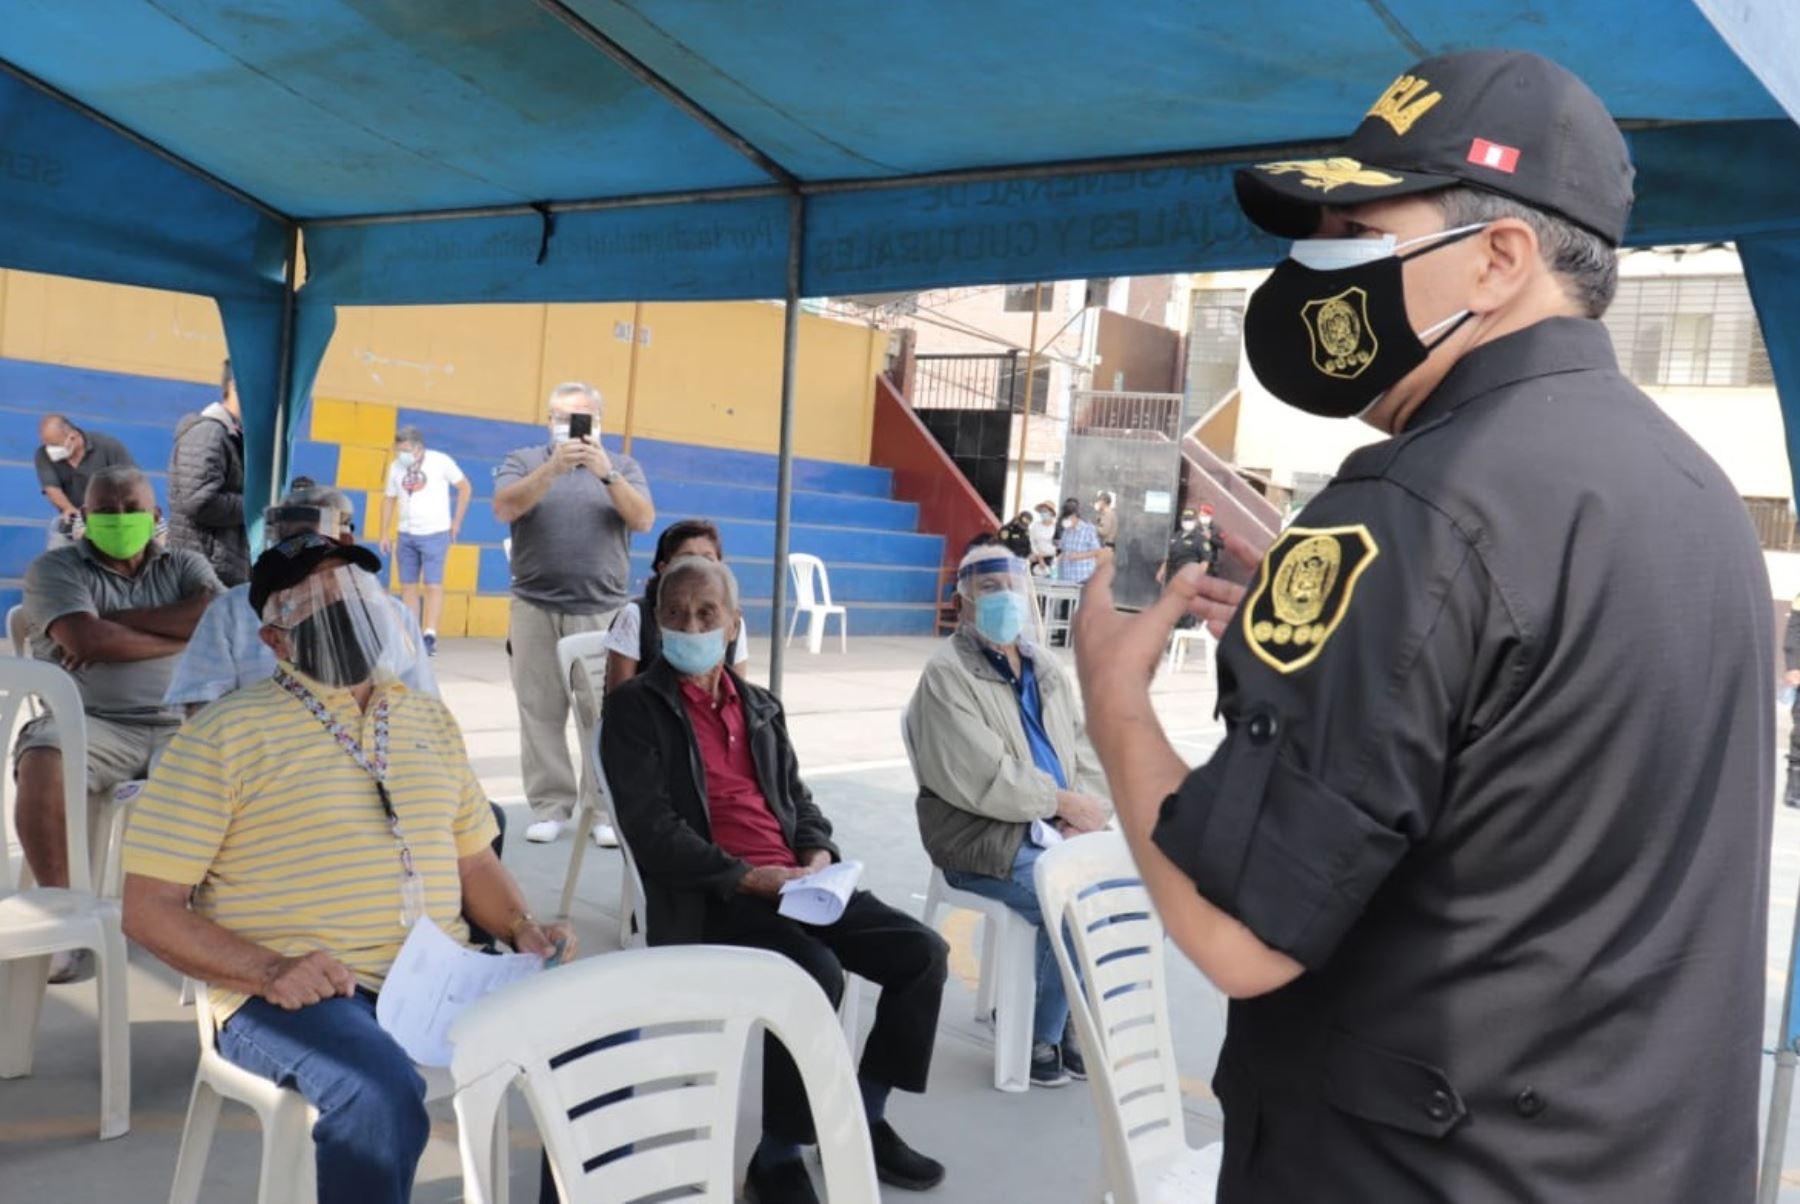 El comandante general de la PNP, César Cervantes Cárdenas, supervisa la segunda dosis contra la covid-19 a los efectivos policiales en situación de retiro, en las instalaciones del colegio Juan Ingunza Valdivia. Foto: PNP